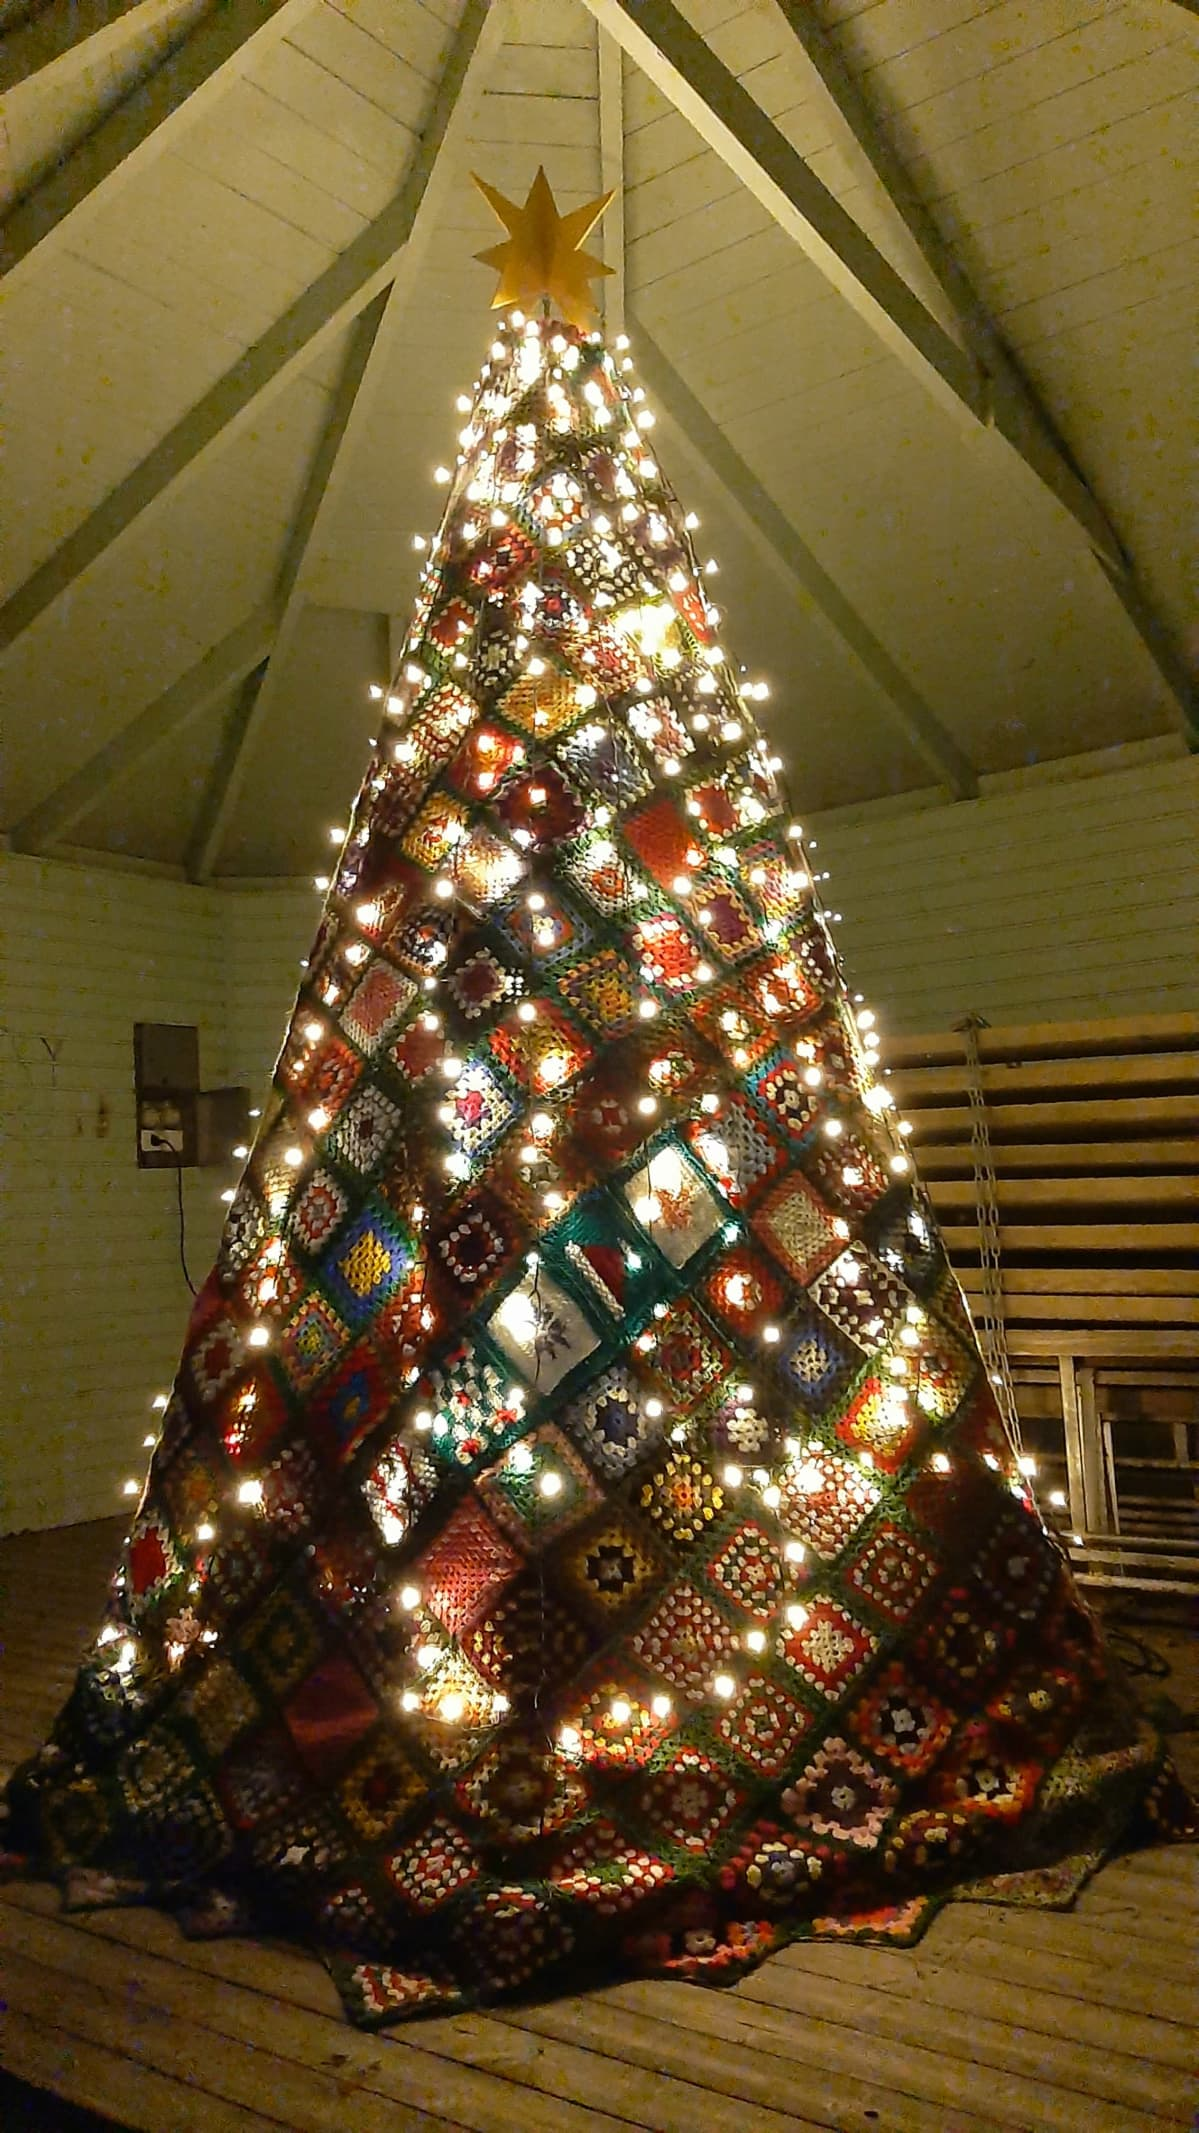 Virkattu joulukuusi Kaskisissa on koottu virkatuista värikkäistä tilkuista